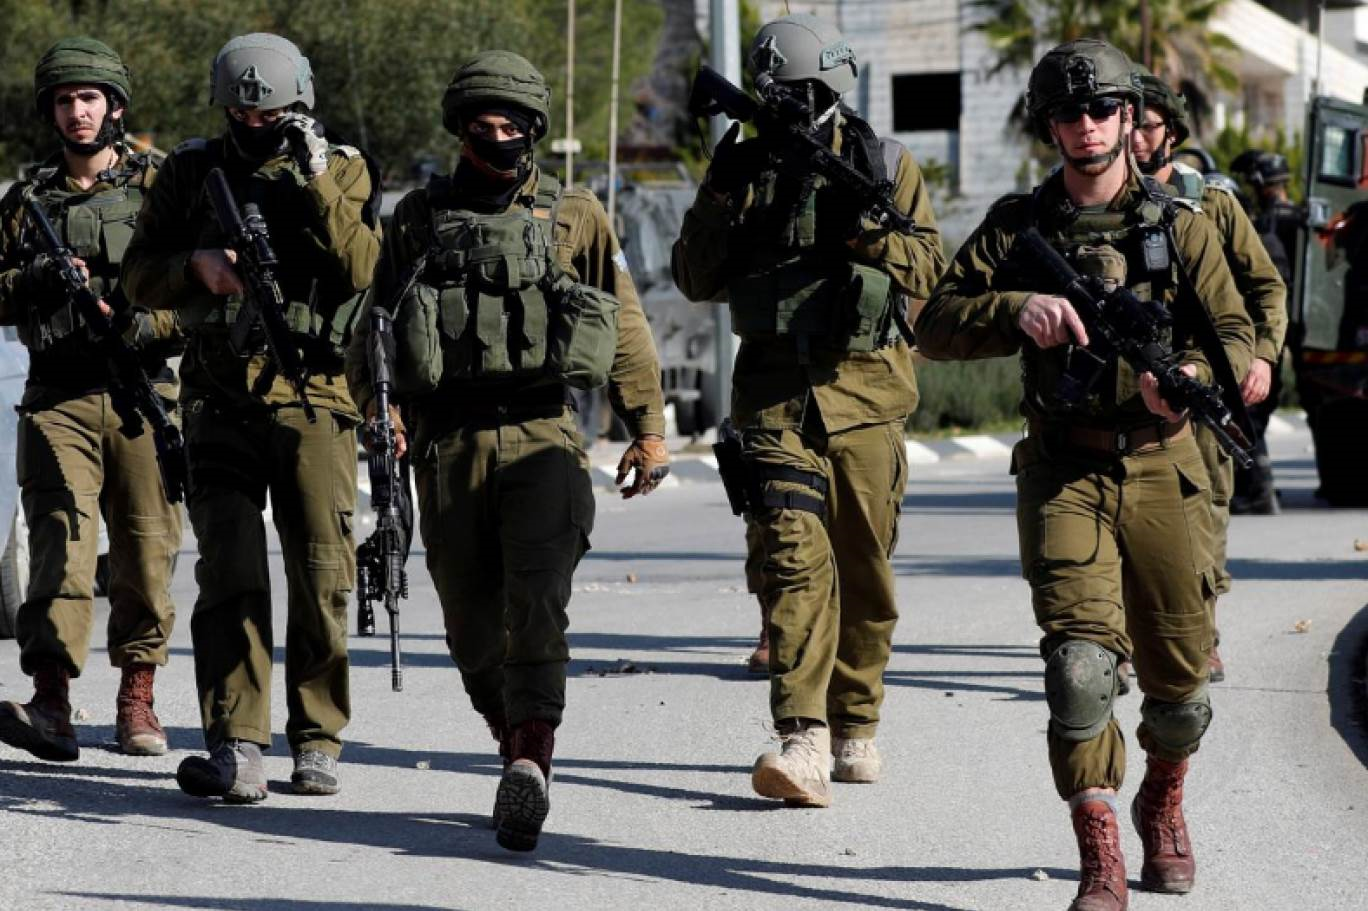 وسائل إعلام إسرائيلية تؤكد أن مئات من مجندي الوحدة 8200 دخلوا إلى العزل الصحي